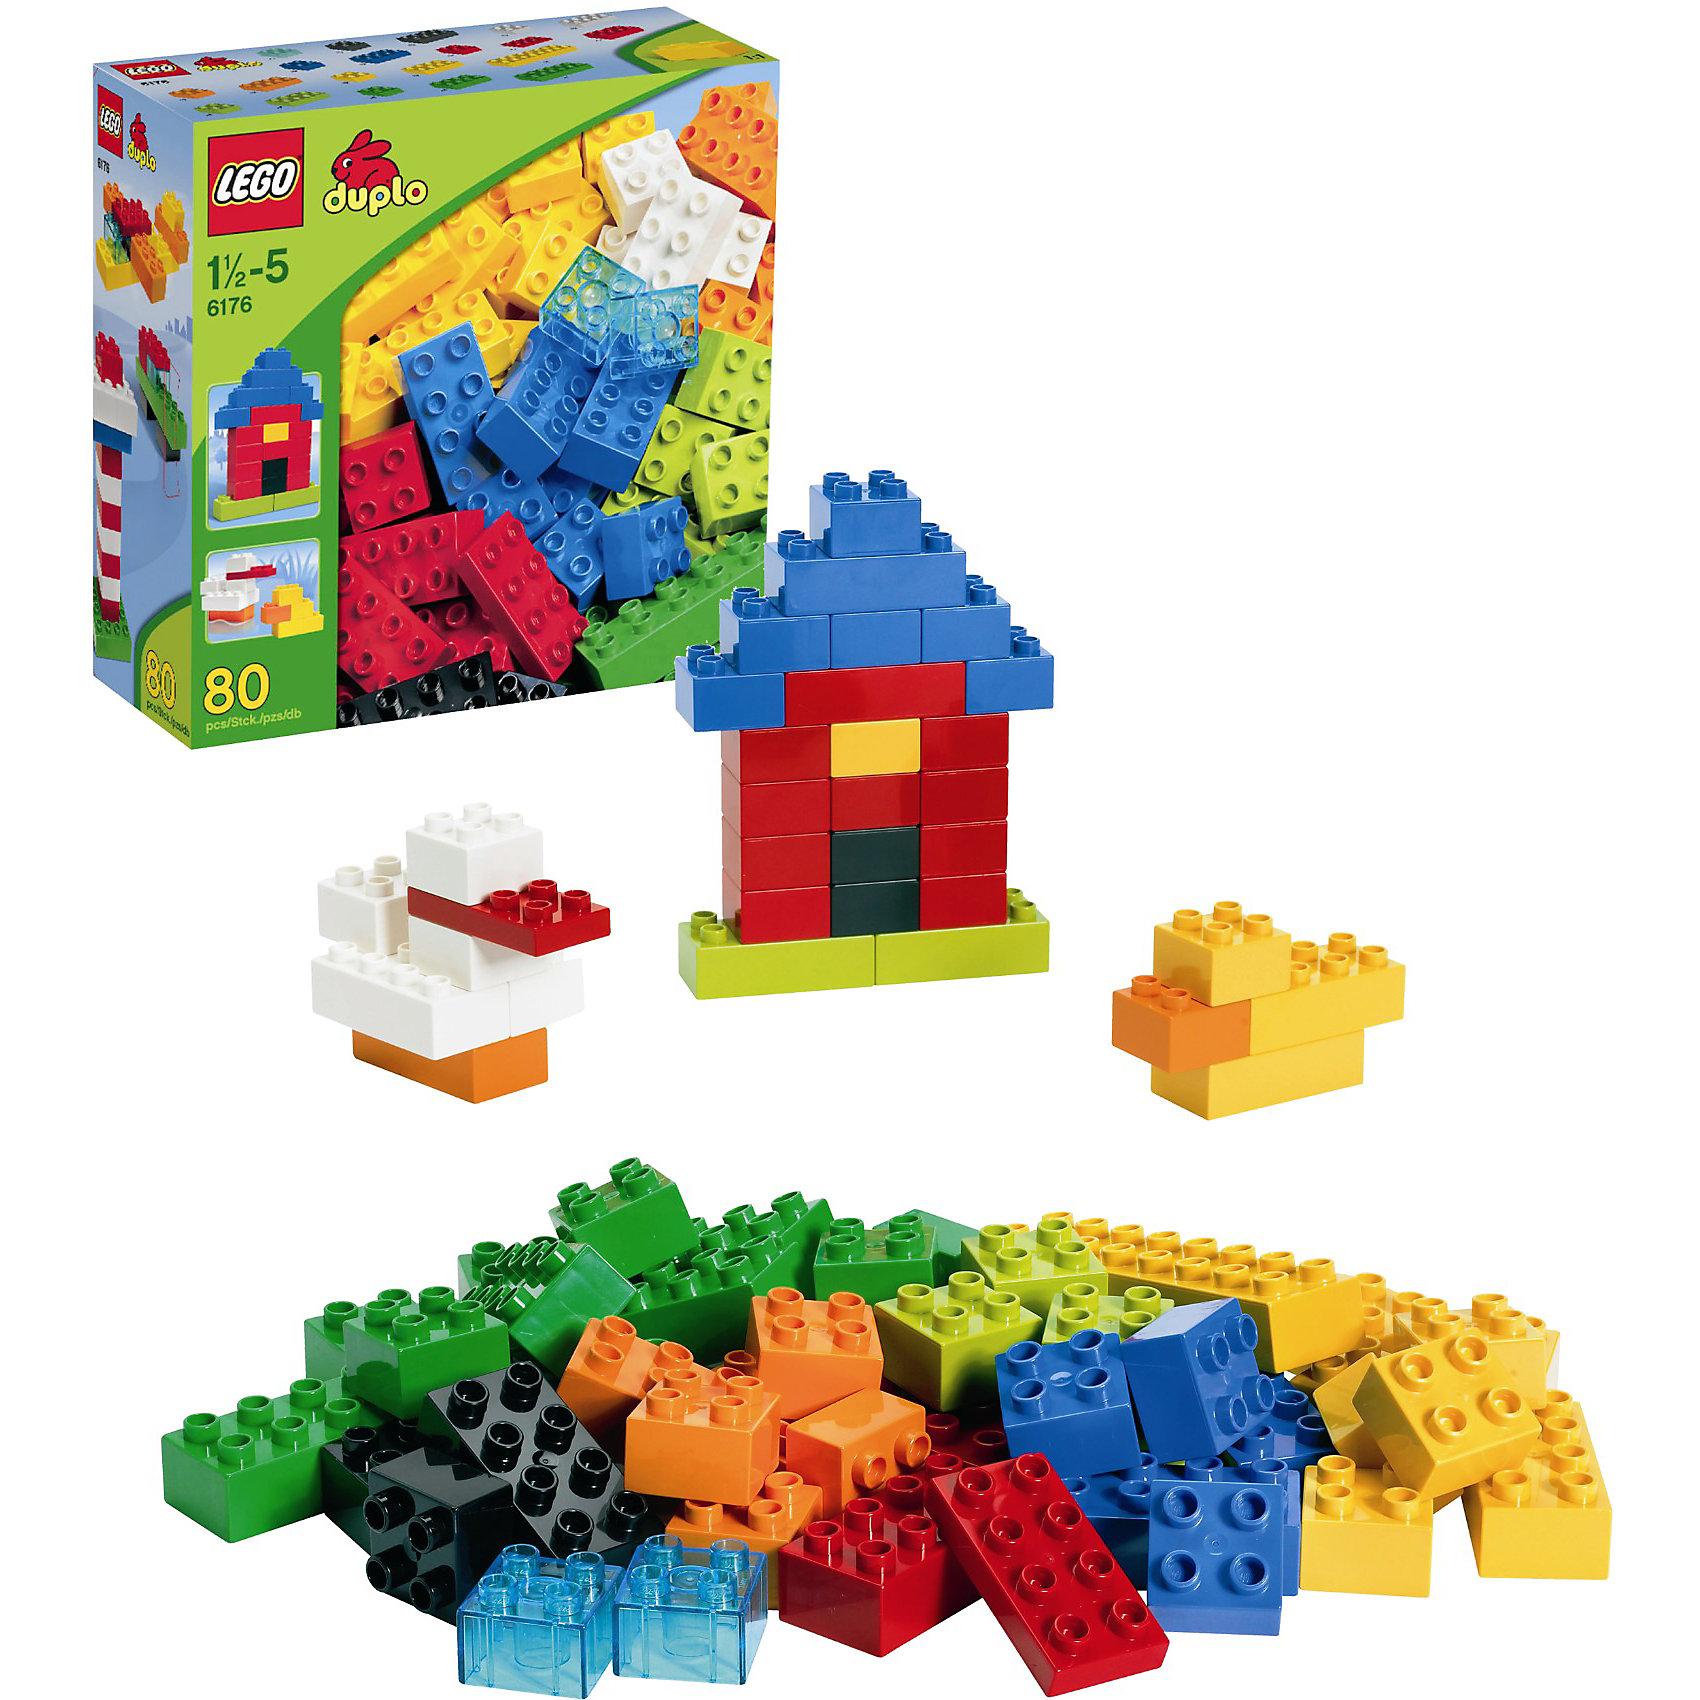 LEGO LEGO DUPLO 6176 Основные элементы lego lego duplo набор деталей для творческого конструирования